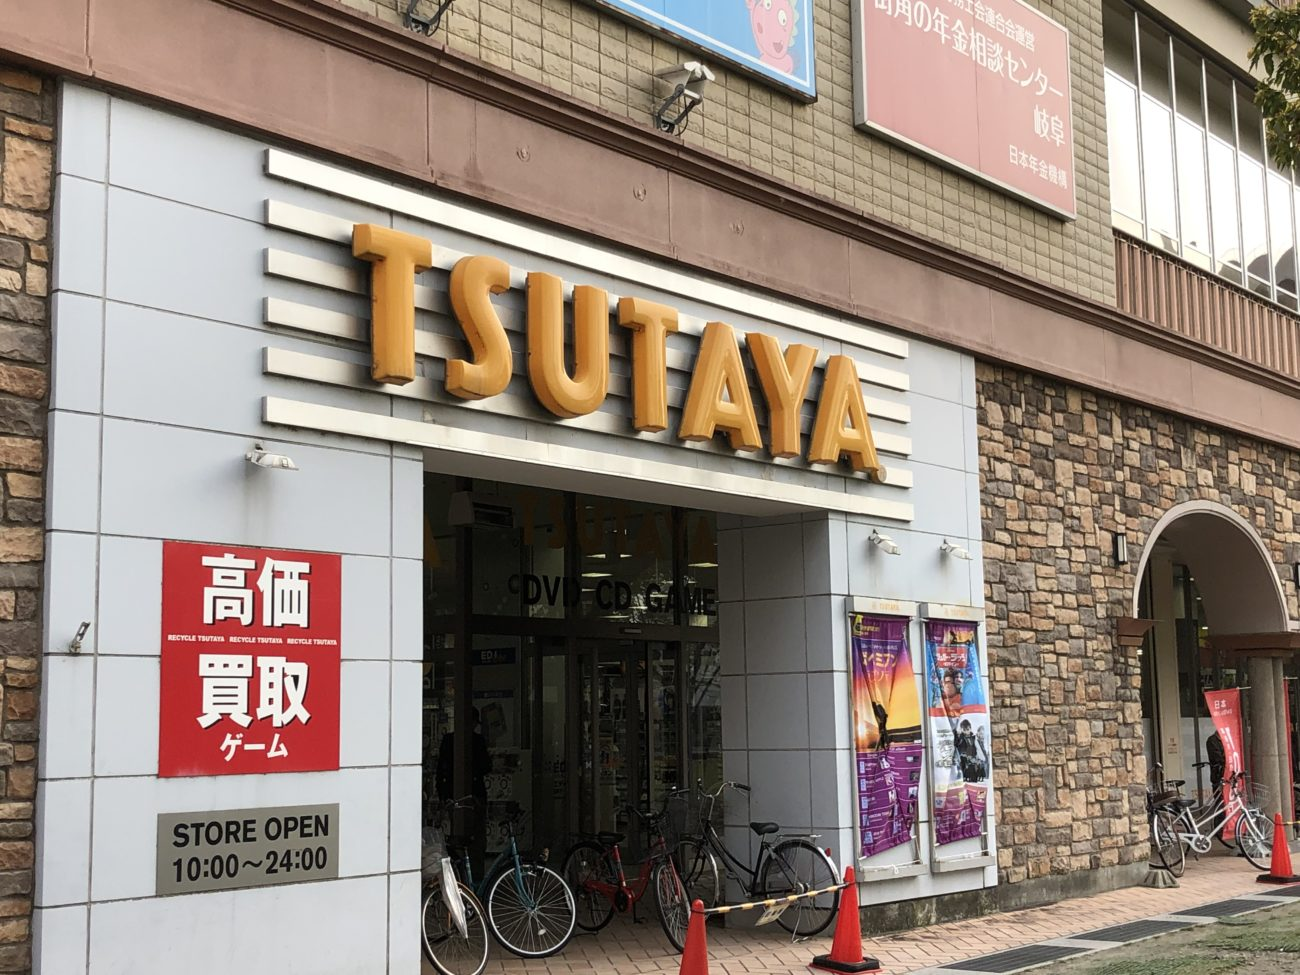 【フランチャイズ経営】tsutayaで始めるメリット・デメリット